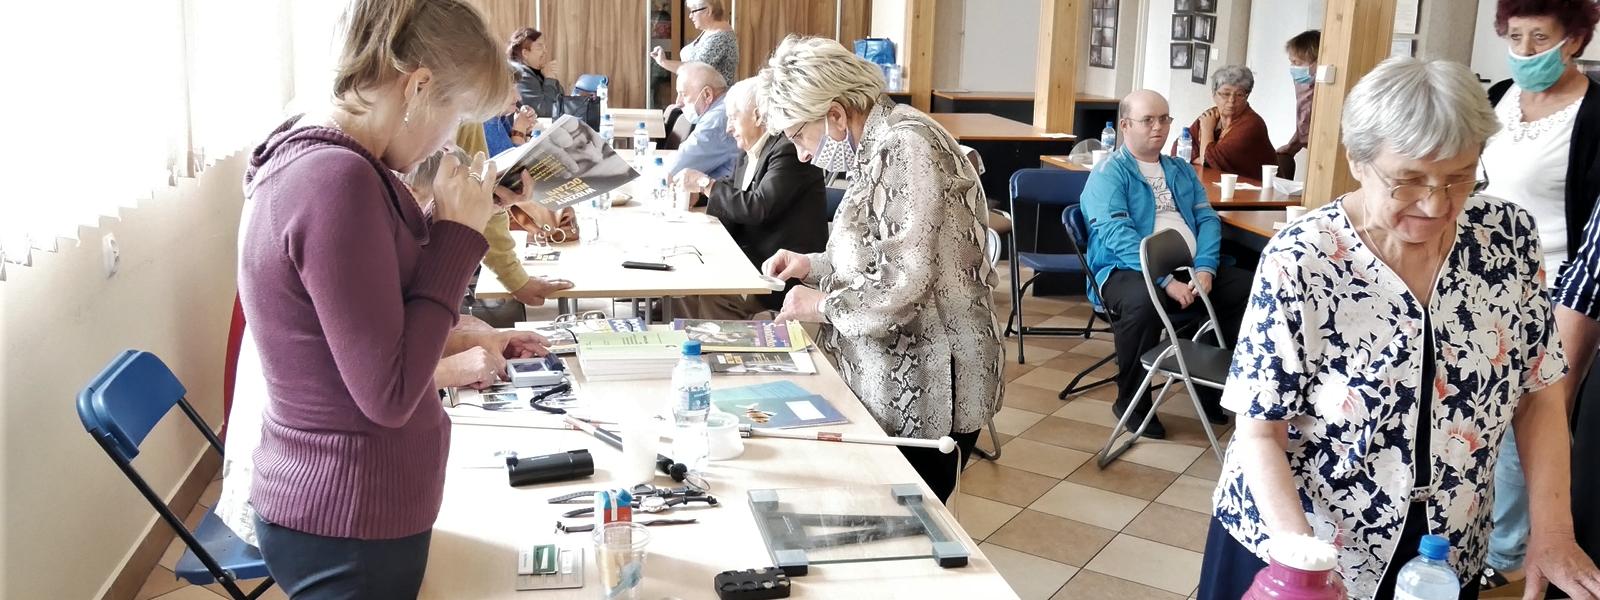 Sala szkoleniowa. Na stole leżą pomoce optyczne. Uczestnicy szkolenia oglądają je i sprawdzają, w jaki sposób działają.